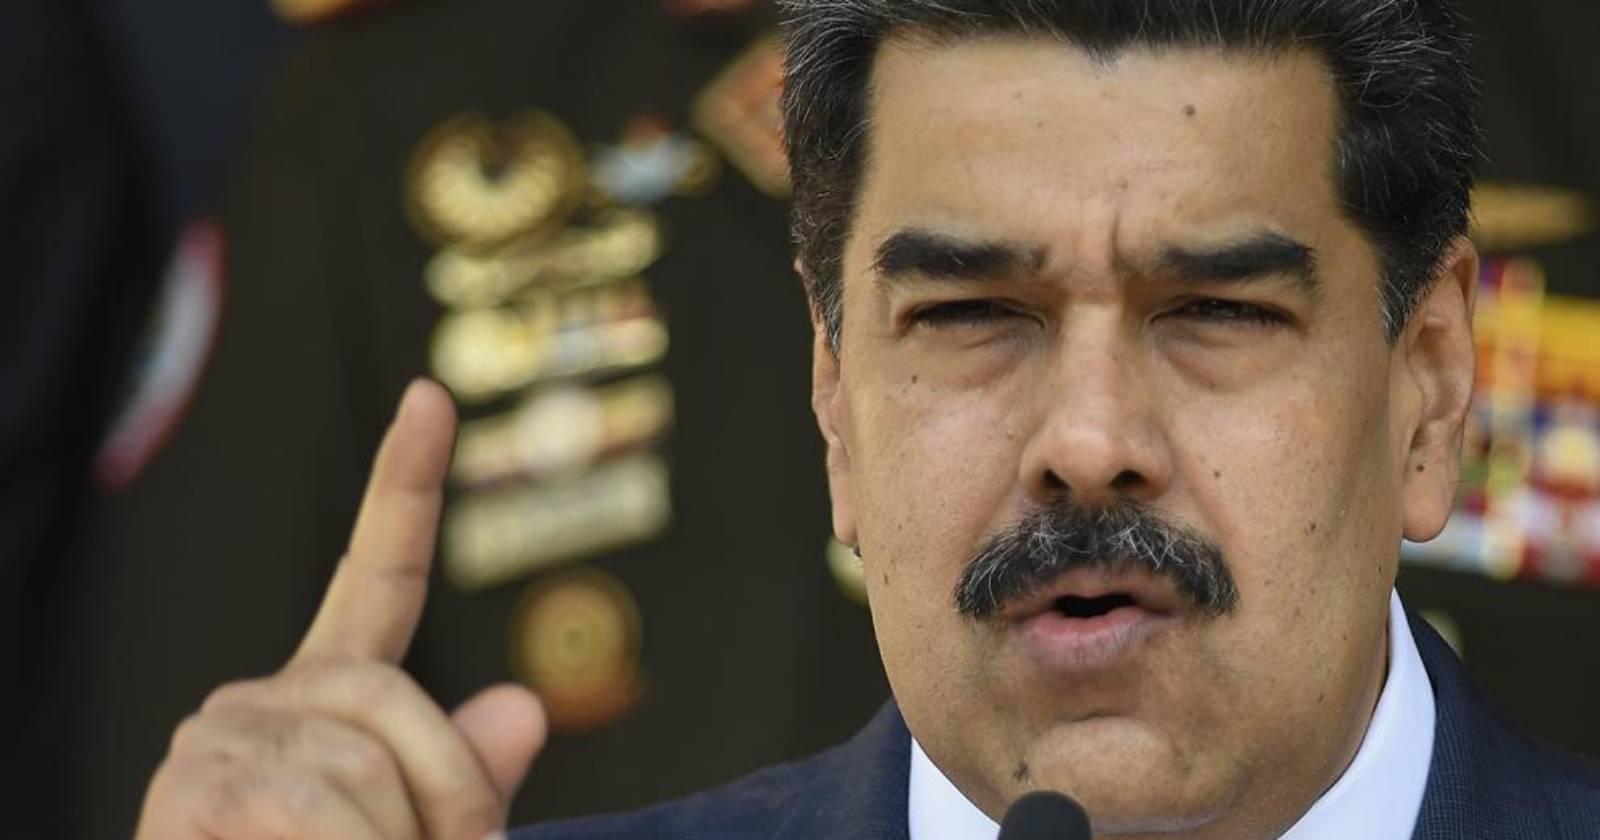 Torturas, ejecuciones y desapariciones: informe revela las atrocidades del régimen de Nicolás Maduro contra los venezolanos